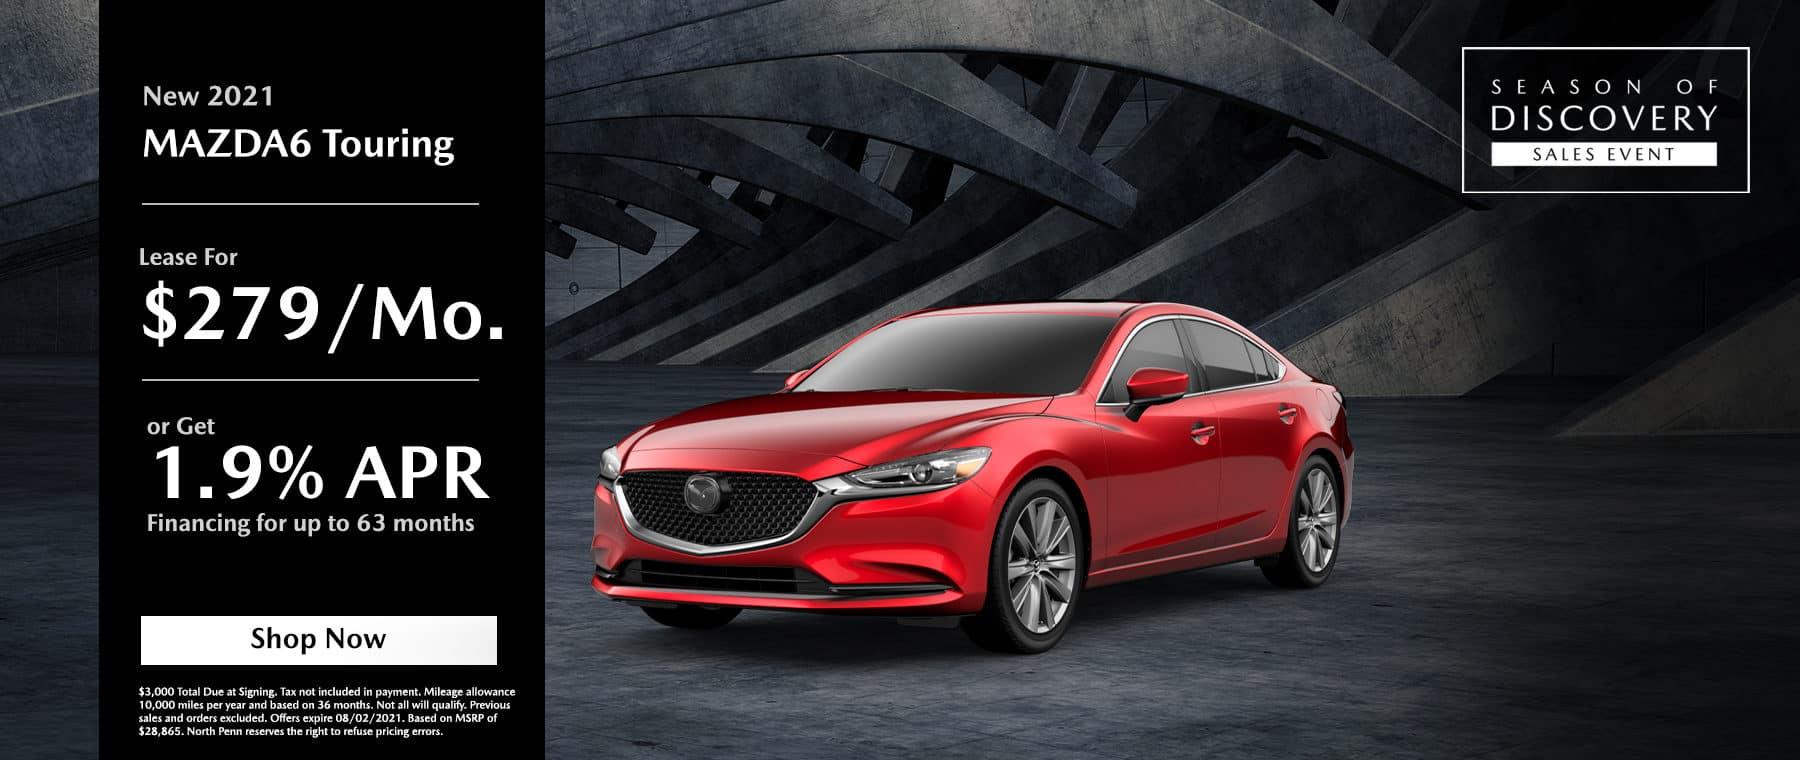 NPM-WEB-070721-Deals-Mazda6Touring